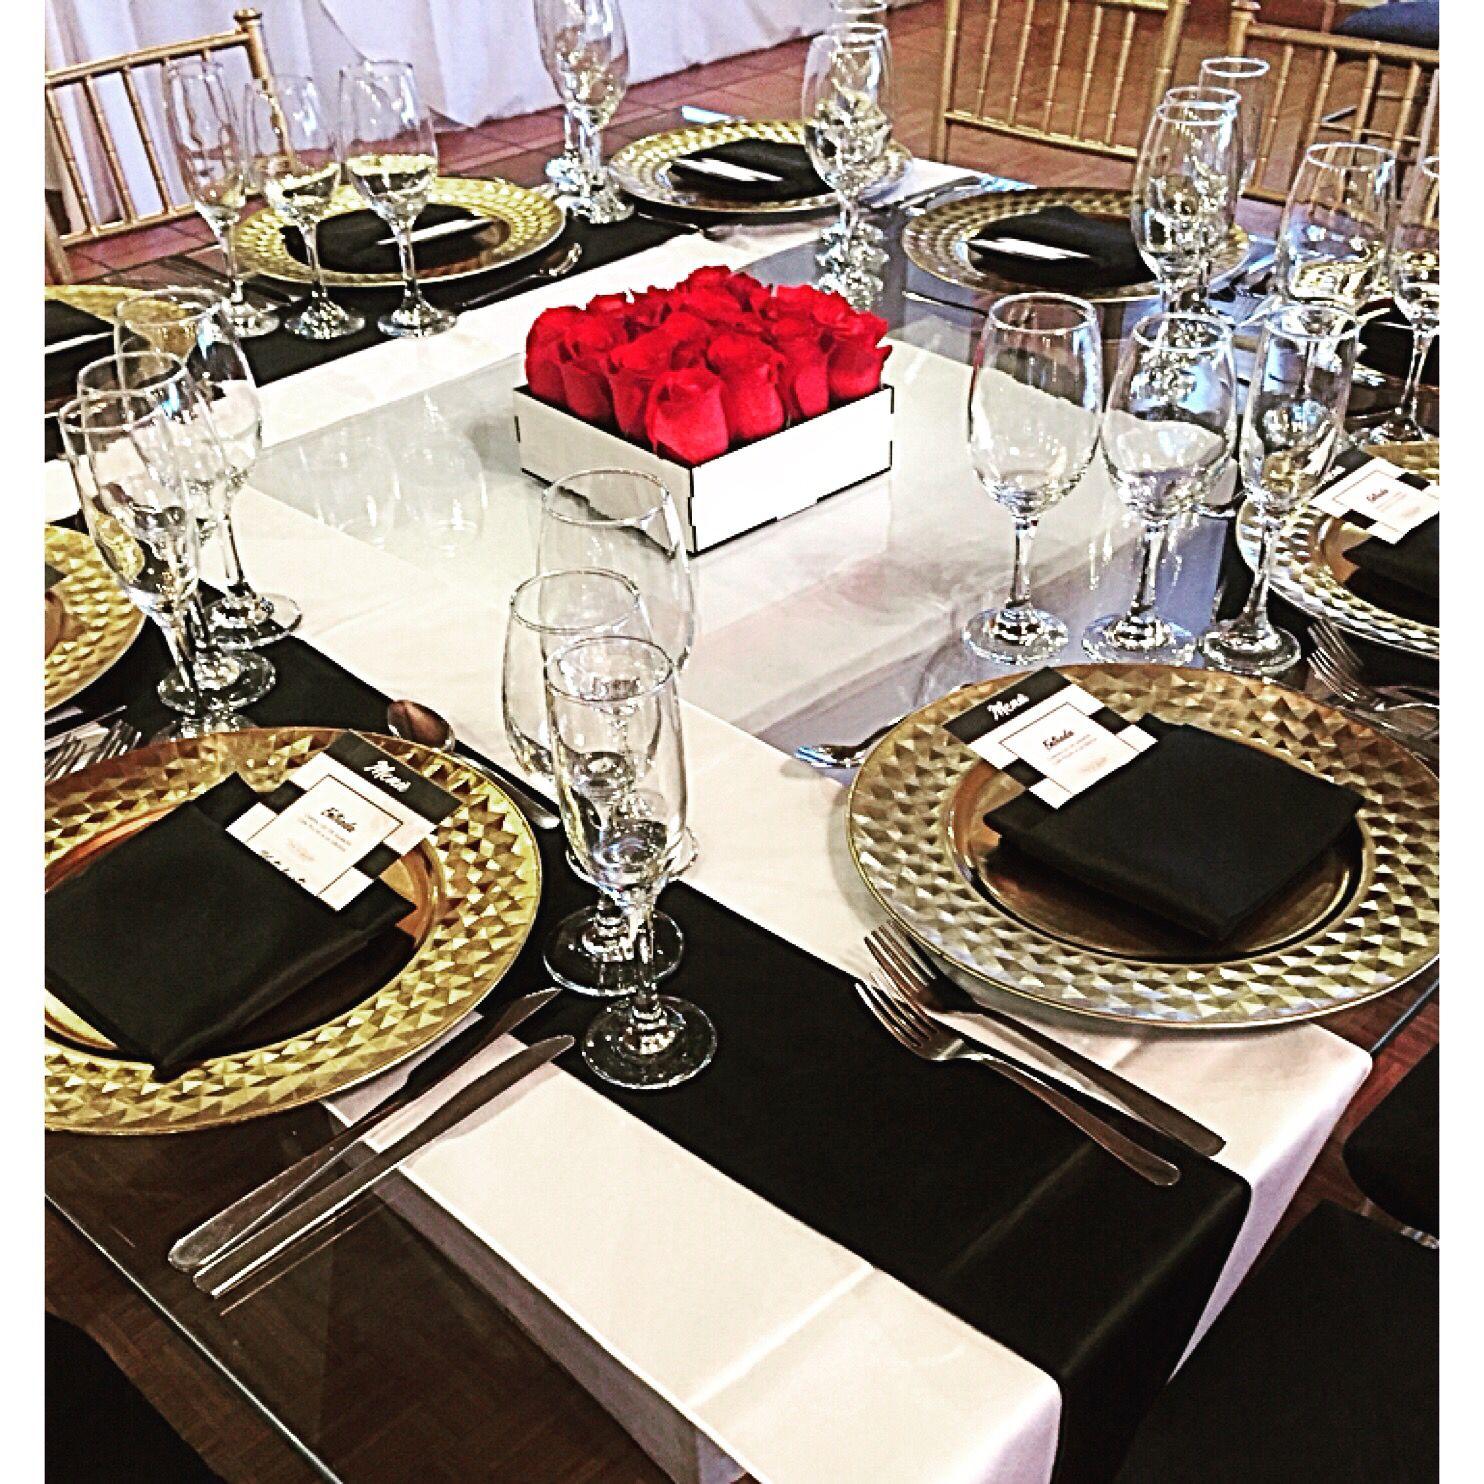 38+ Decoracion de mesas con mantel negro trends